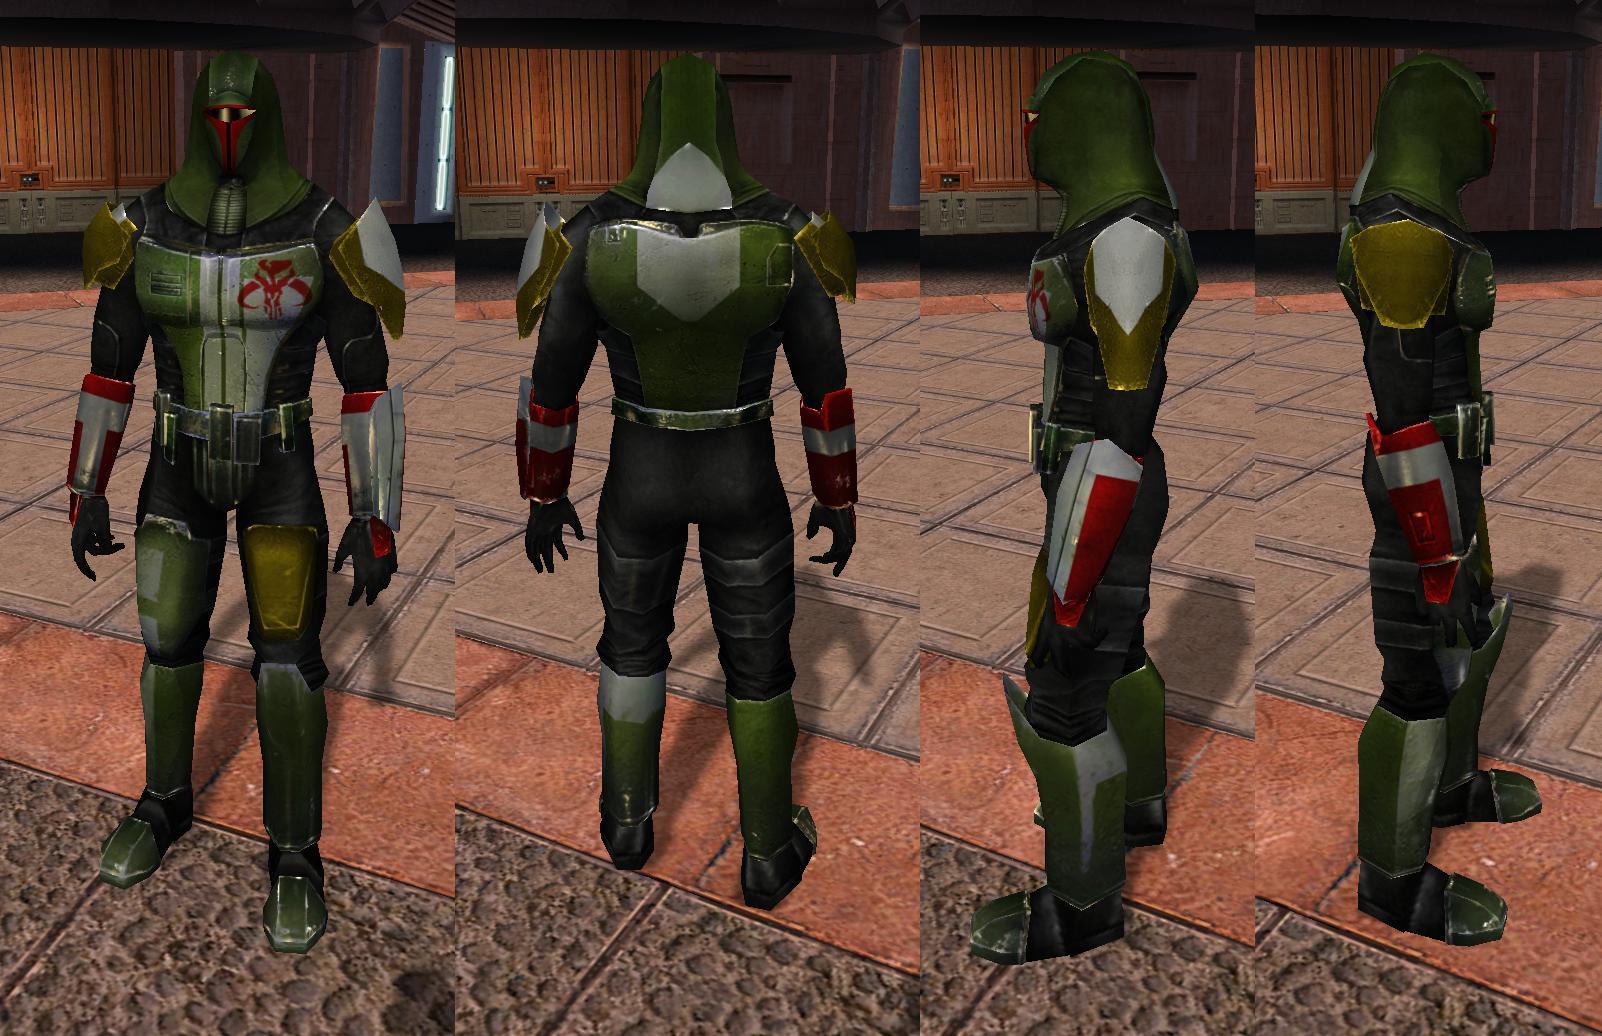 Cassus Fett's Unique Armor